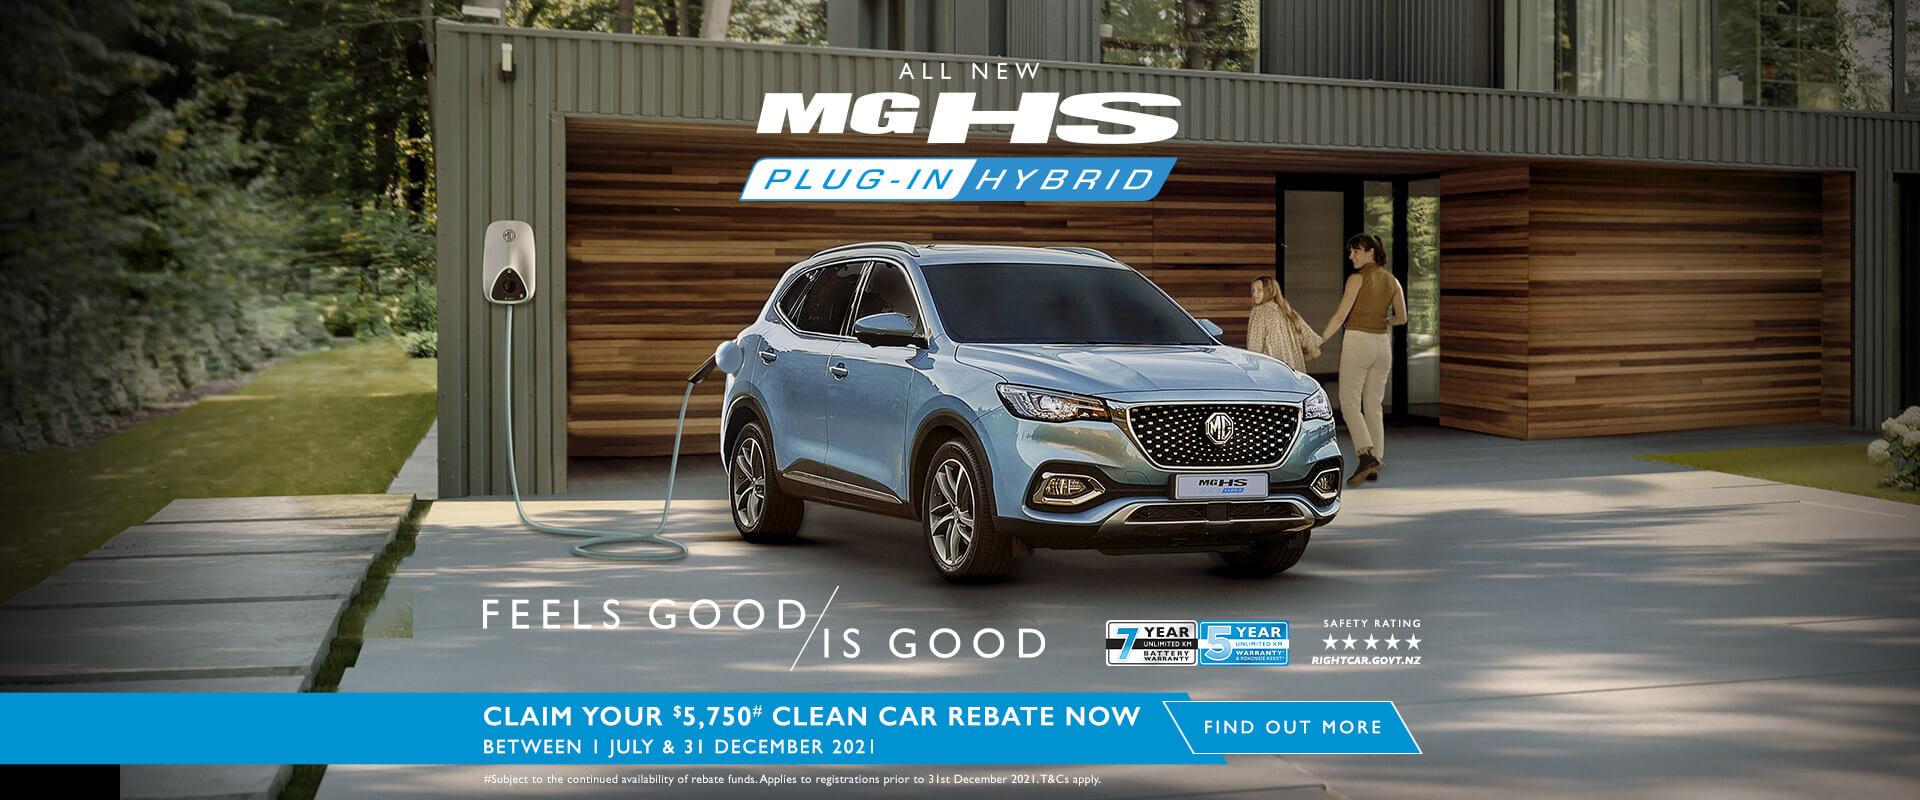 MG HS Plug-In Hybrid. Claim your $5,750# Clean Car Rebate now*